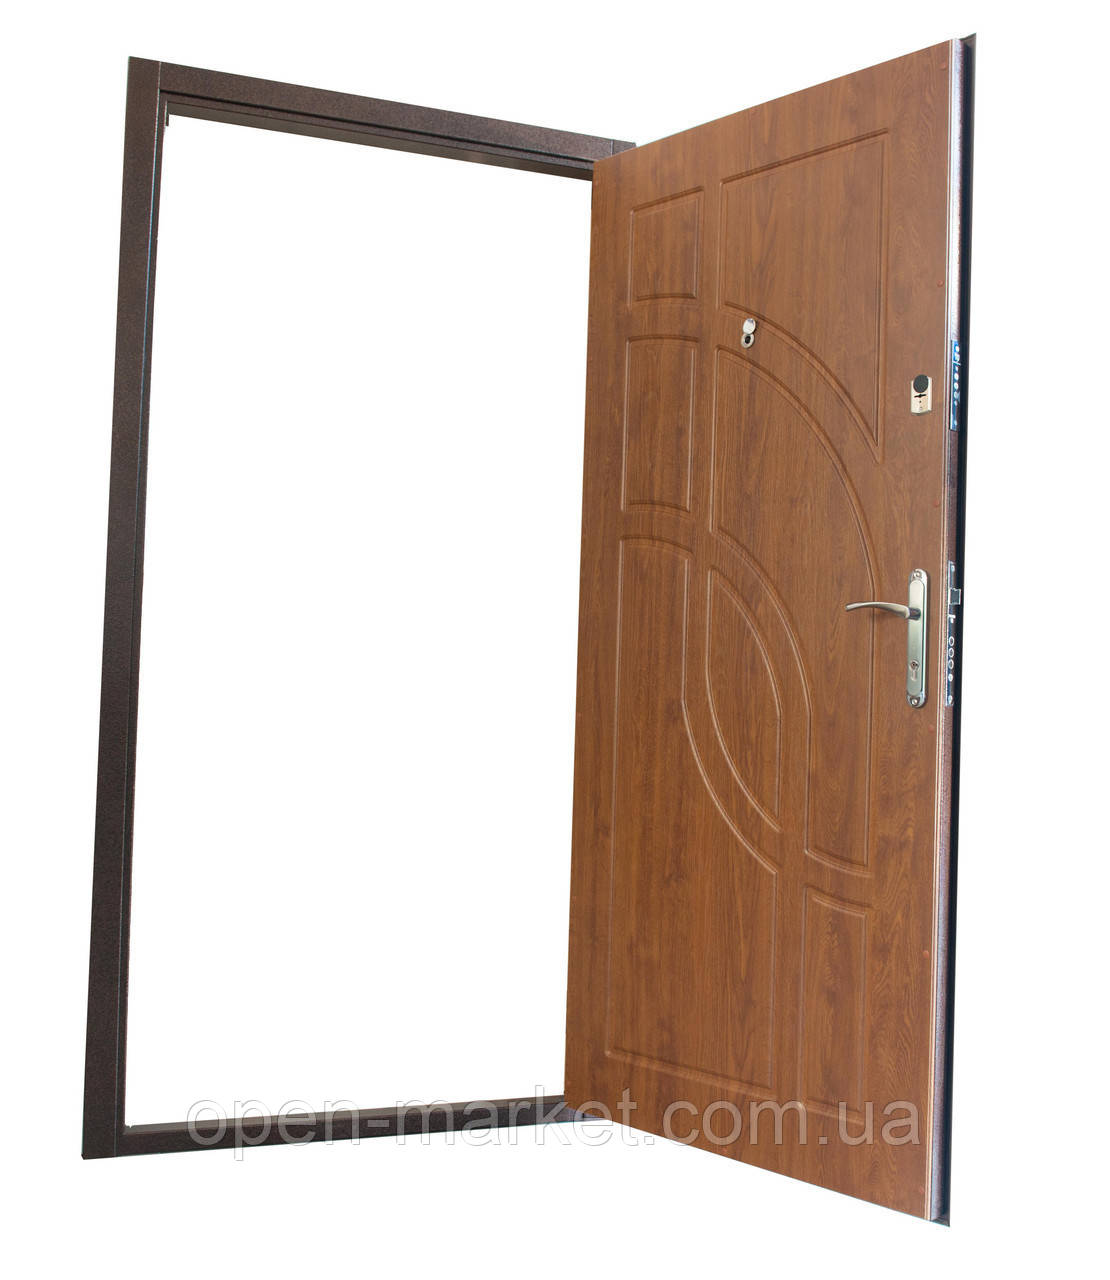 Двери уличные Очаков Николаевская область